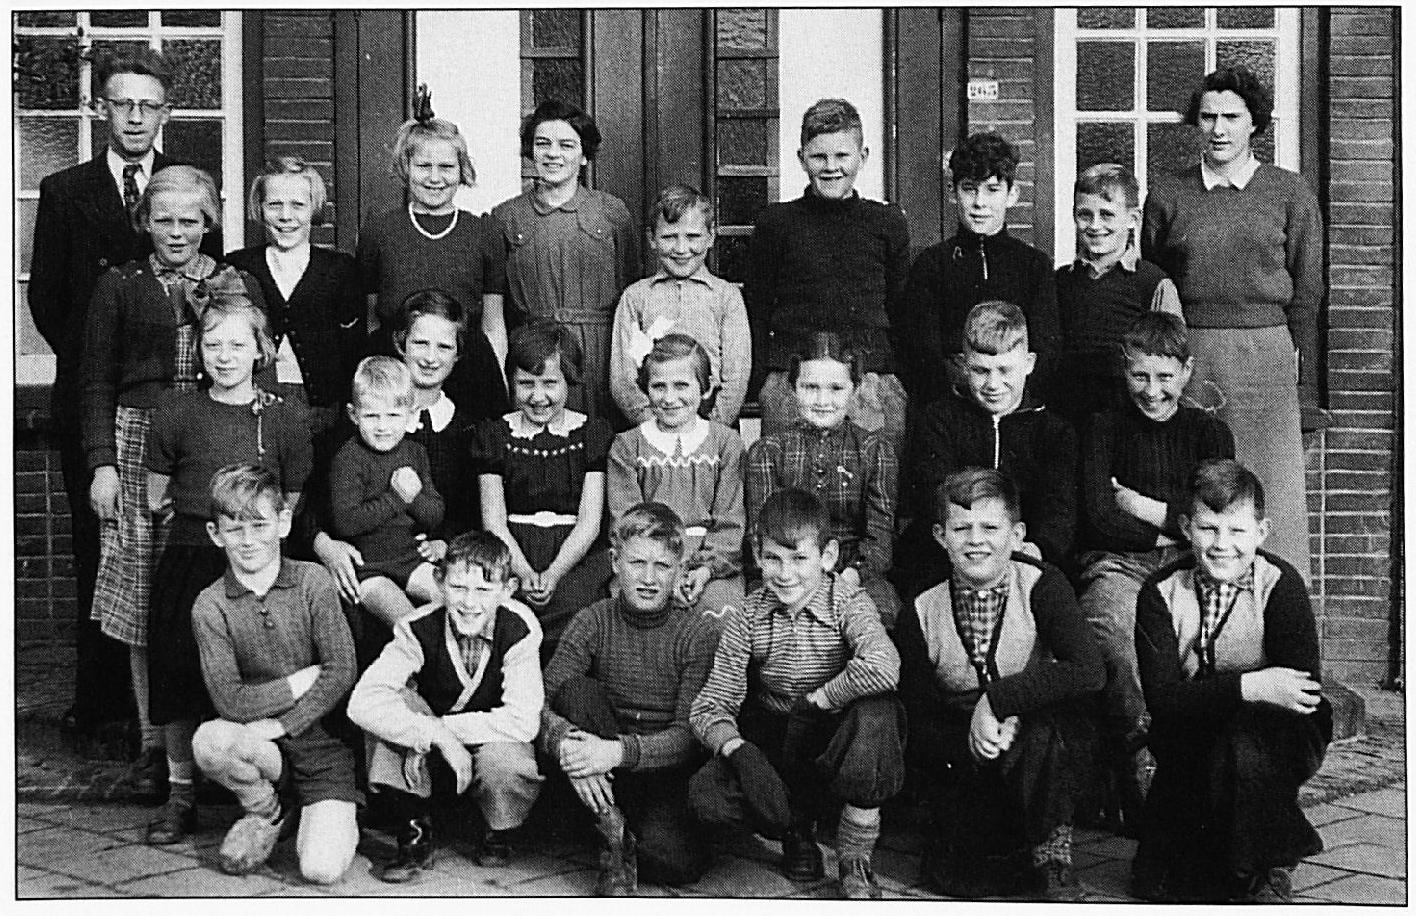 Deze foto dateert uit 1954. Voorste rij v.l.n.r.: Dicky Verwoert, Rinie Rutjens, Jan van Ruth, Henk Schimmel, Arie en Mary Heikoop. Tweede rij : Clasien den Haak, Tineke Gerritsen met Wim Uyterlinde, Tonnie Heikoop, Gerda van Oort, Toos van Hasselt, Piet Udo, Hennie Rusing. Derde rij: Meester Uyterlinde, Sjaan Verkerk, Gerrie van Bemmel, Unia den Haak, Kootje van Beem. Ernst van Oort, Corrie Udo, Jaap Drost, Wout Gerritsen, Juffrouw Middendorp